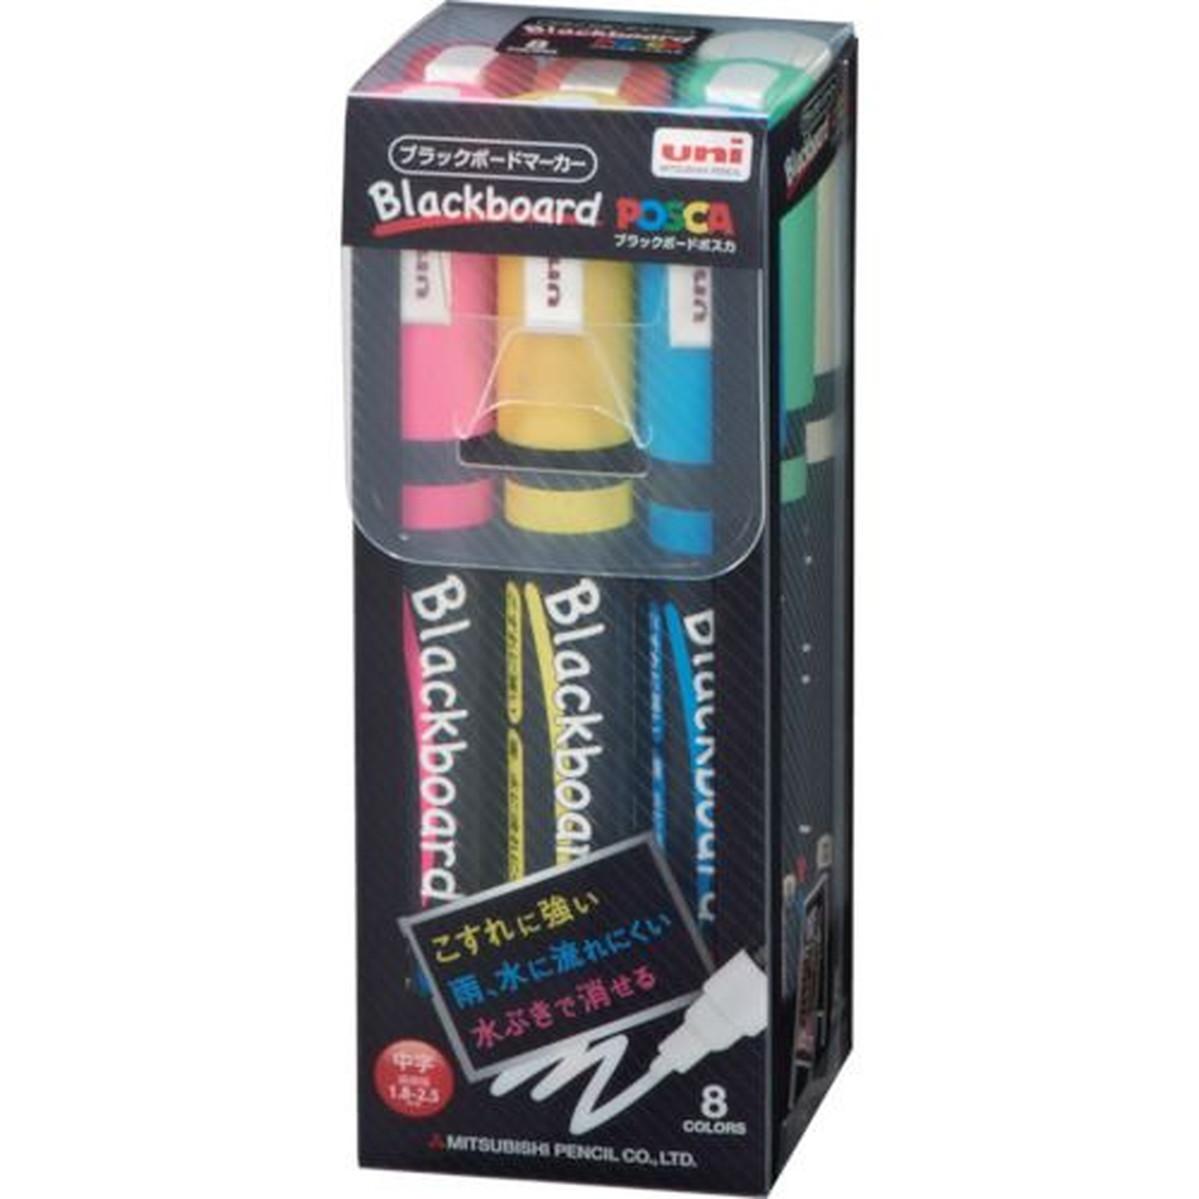 あす楽対応 DIY用品 uni 水性顔料マーカー ブラックボードポスカ 中字 いよいよ人気ブランド 1S 安心の実績 高価 買取 強化中 PCE2005M8C 8色セット